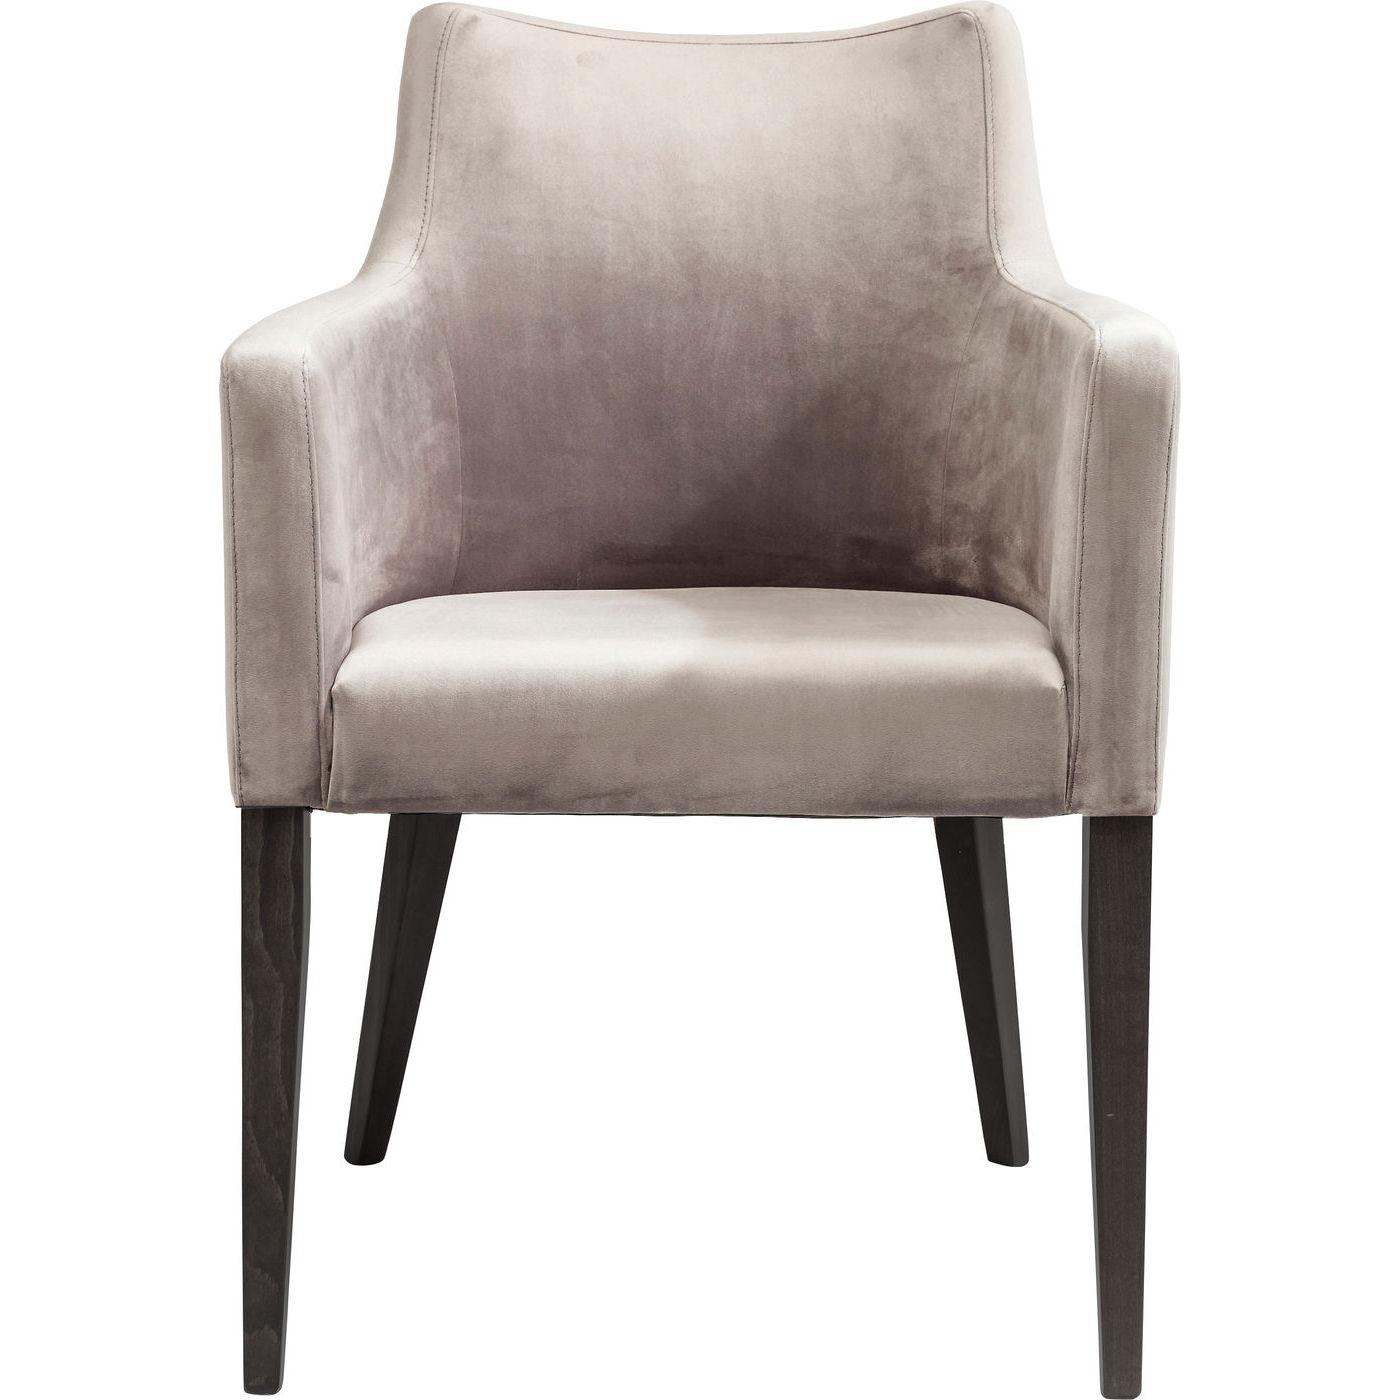 kare design Kare design black mode velvet grey lænestol - gråt stof/bøg, m. armlæn fra boboonline.dk